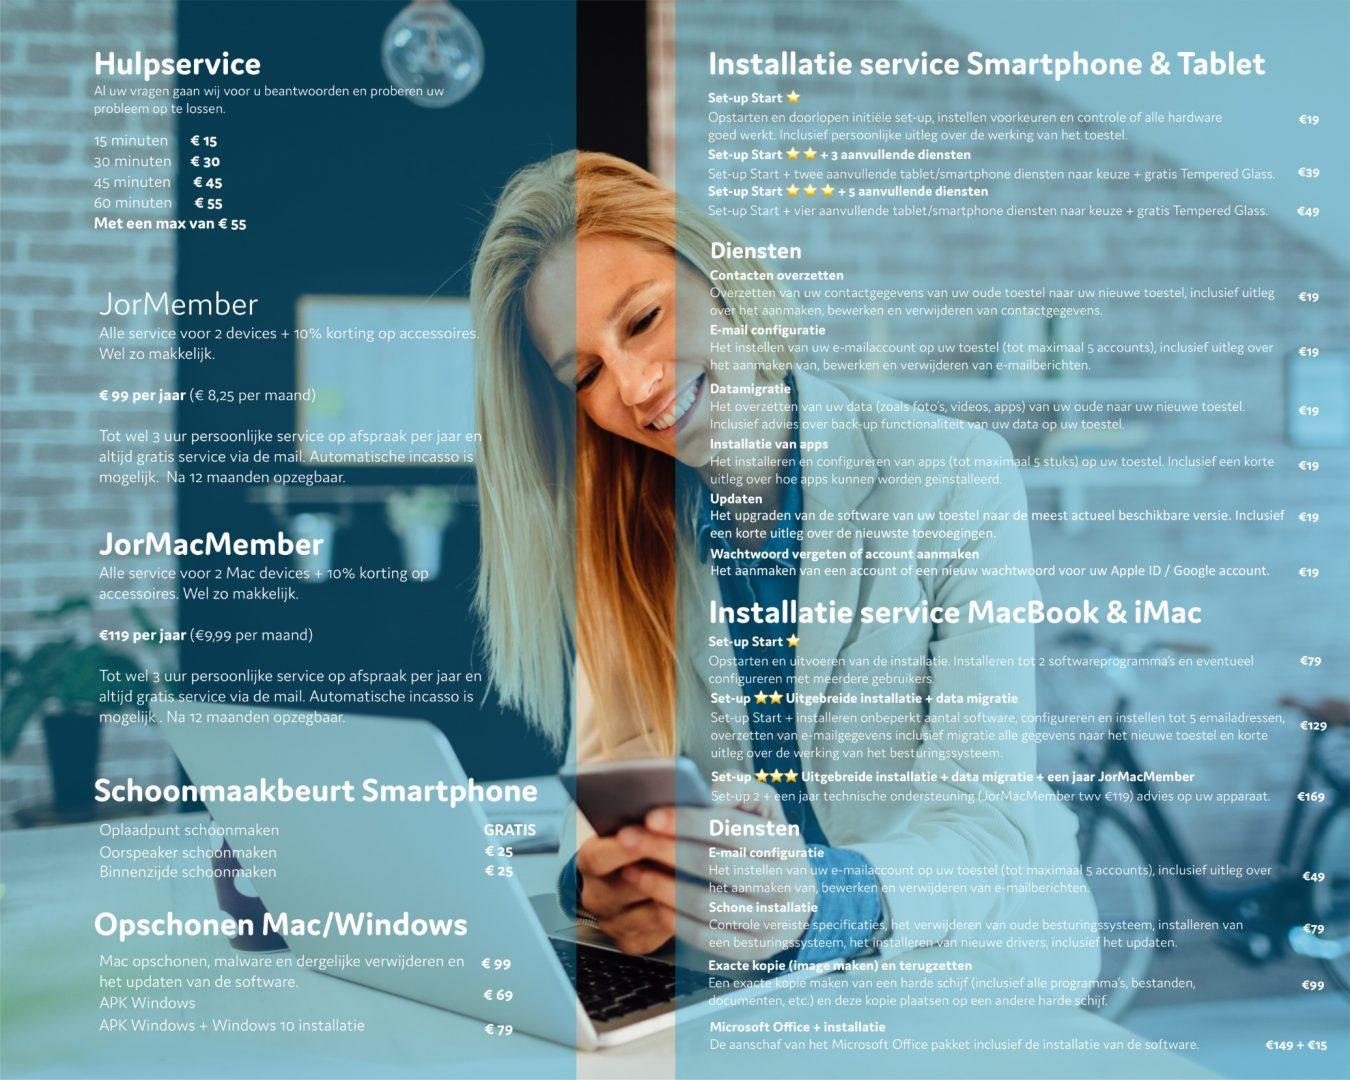 Installatie service Smartphones en tablet, uitleg over je telefoon. Of we zetten gegevens voor je over door middel van een reservekopie.